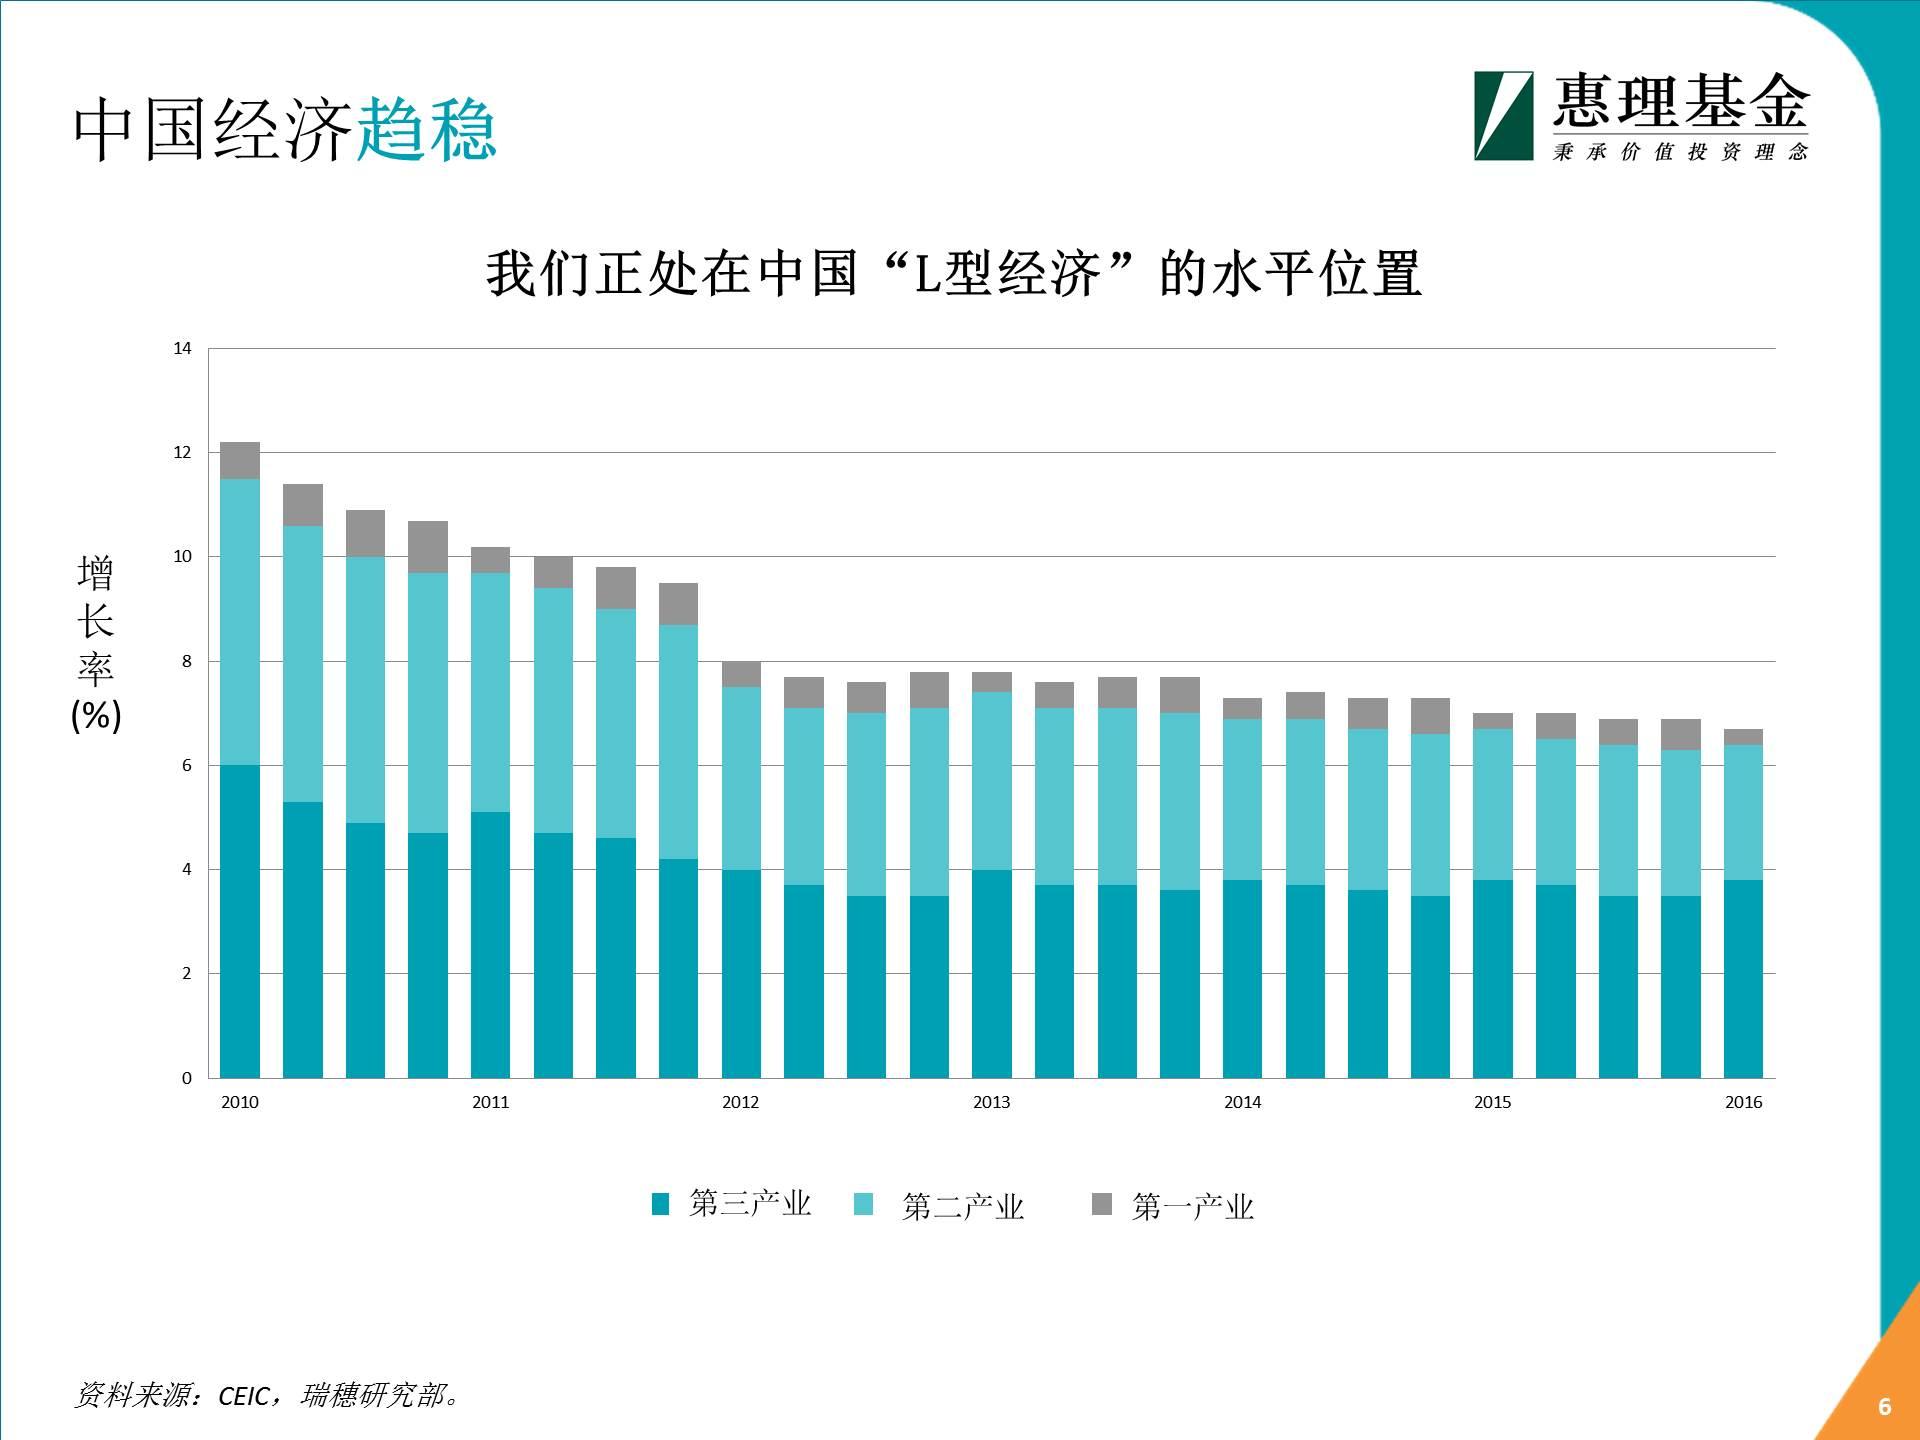 深港通倒计时 惠理: 2017年投资亮点展望